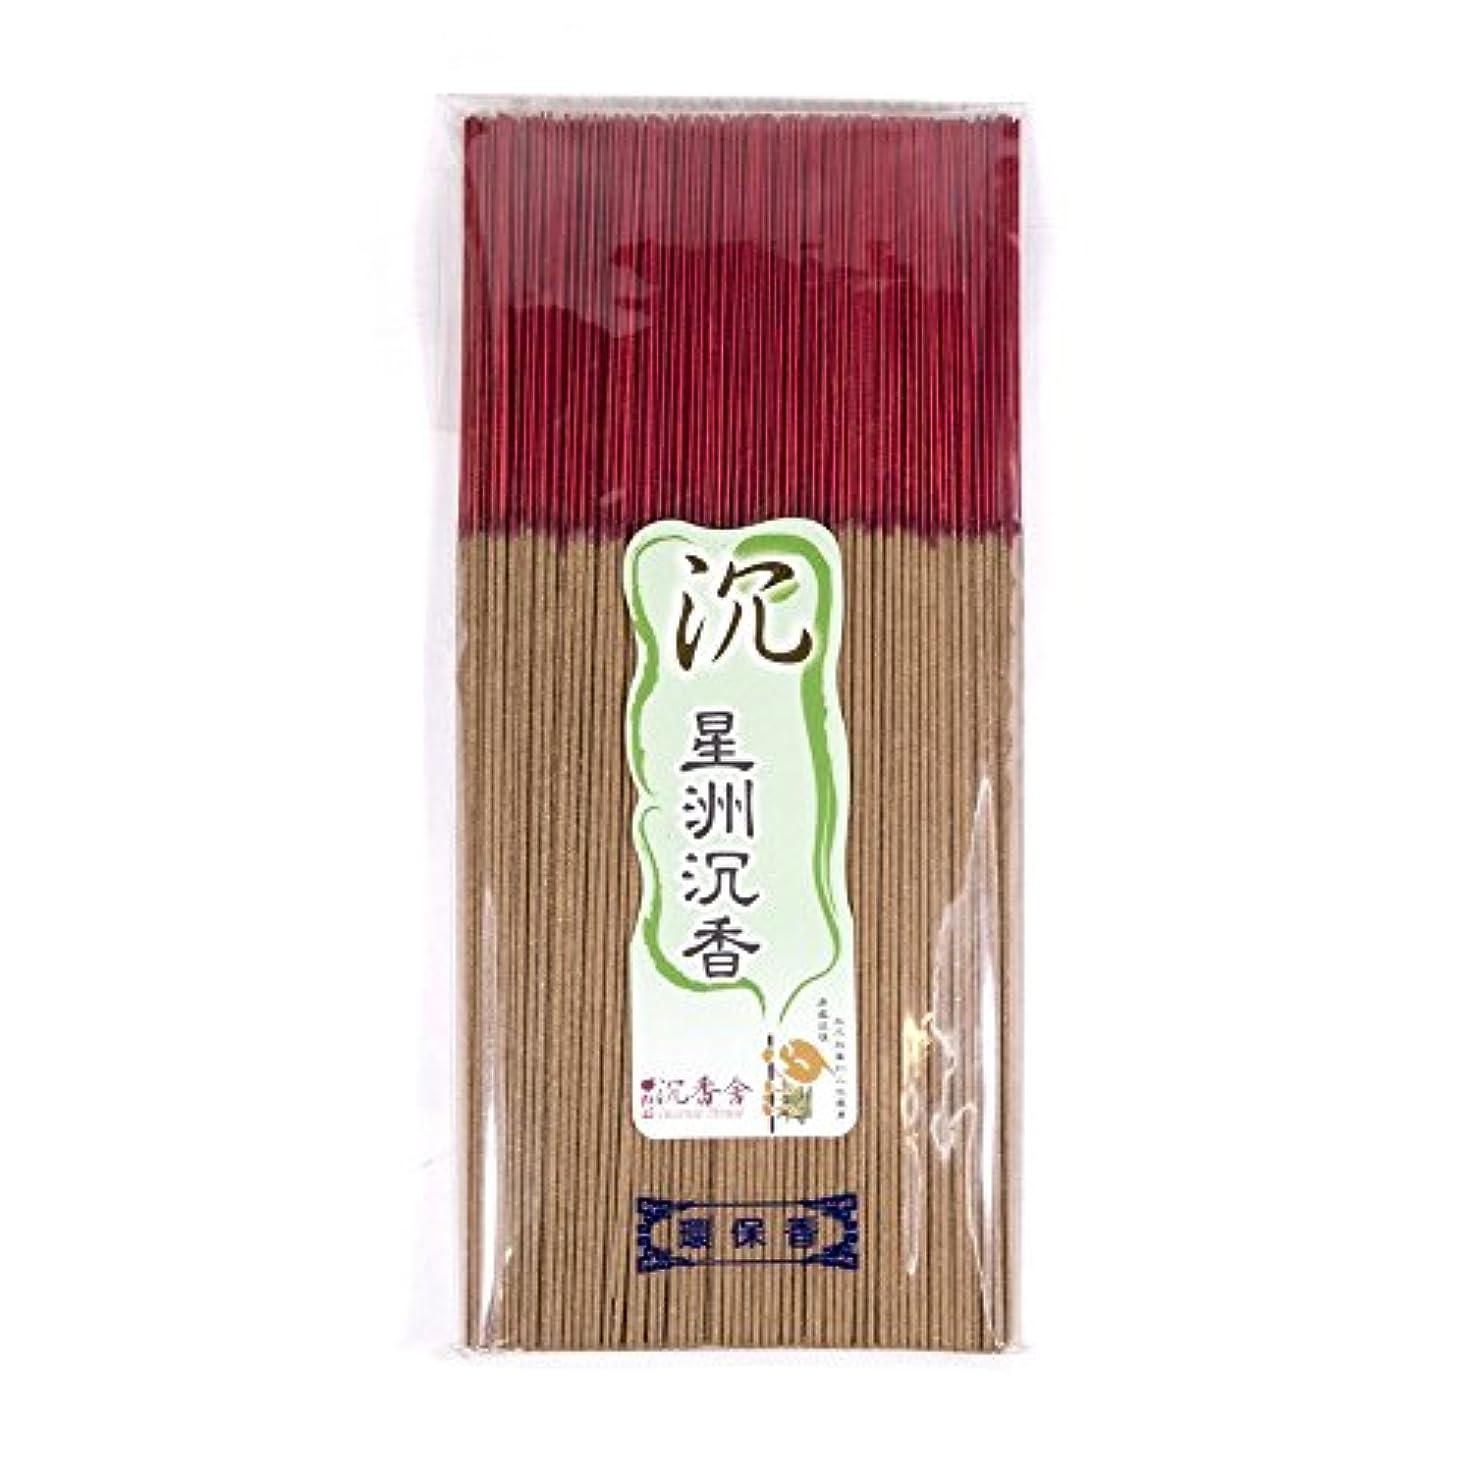 複製前提条件生活台湾沉香舍 星洲沈香 台湾のお香家 - 沈香 30cm (木支香) 300g 約400本